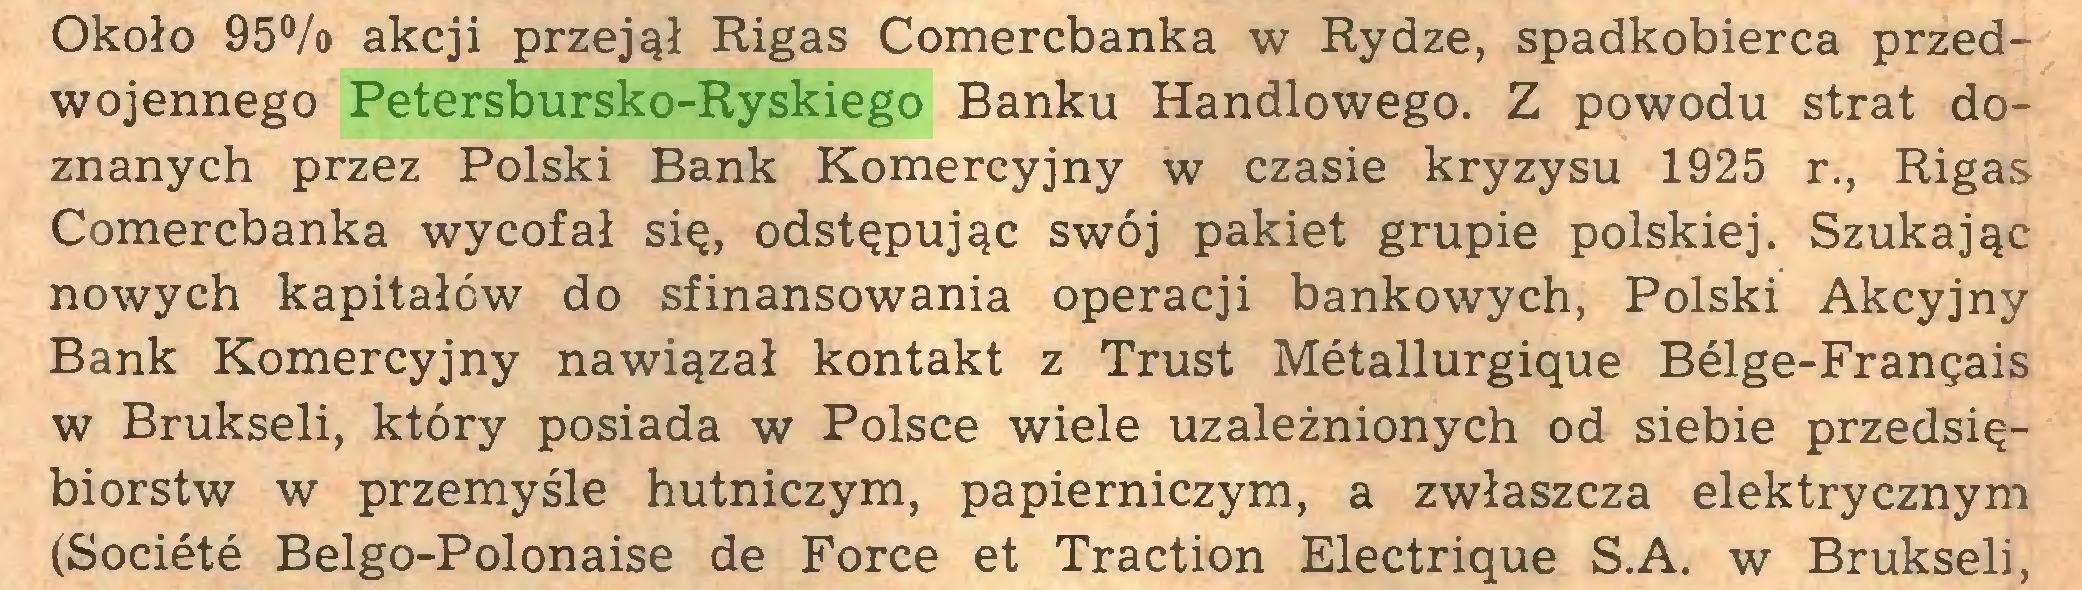 (...) Około 95% akcji przejął Rigas Comercbanka w Rydze, spadkobierca przedwojennego Petersbursko-Ryskiego Banku Handlowego. Z powodu strat doznanych przez Polski Bank Komercyjny w czasie kryzysu 1925 r., Rigas Comercbanka wycofał się, odstępując swój pakiet grupie polskiej. Szukając nowych kapitałów do sfinansowania operacji bankowych, Polski Akcyjny Bank Komercyjny nawiązał kontakt z Trust Metallurgiąue Belge-Franęais w Brukseli, który posiada w Polsce wiele uzależnionych od siebie przedsiębiorstw w przemyśle hutniczym, papierniczym, a zwłaszcza elektrycznym (Societe Belgo-Polonaise de Force et Traction Electriąue S.A. w Brukseli,...